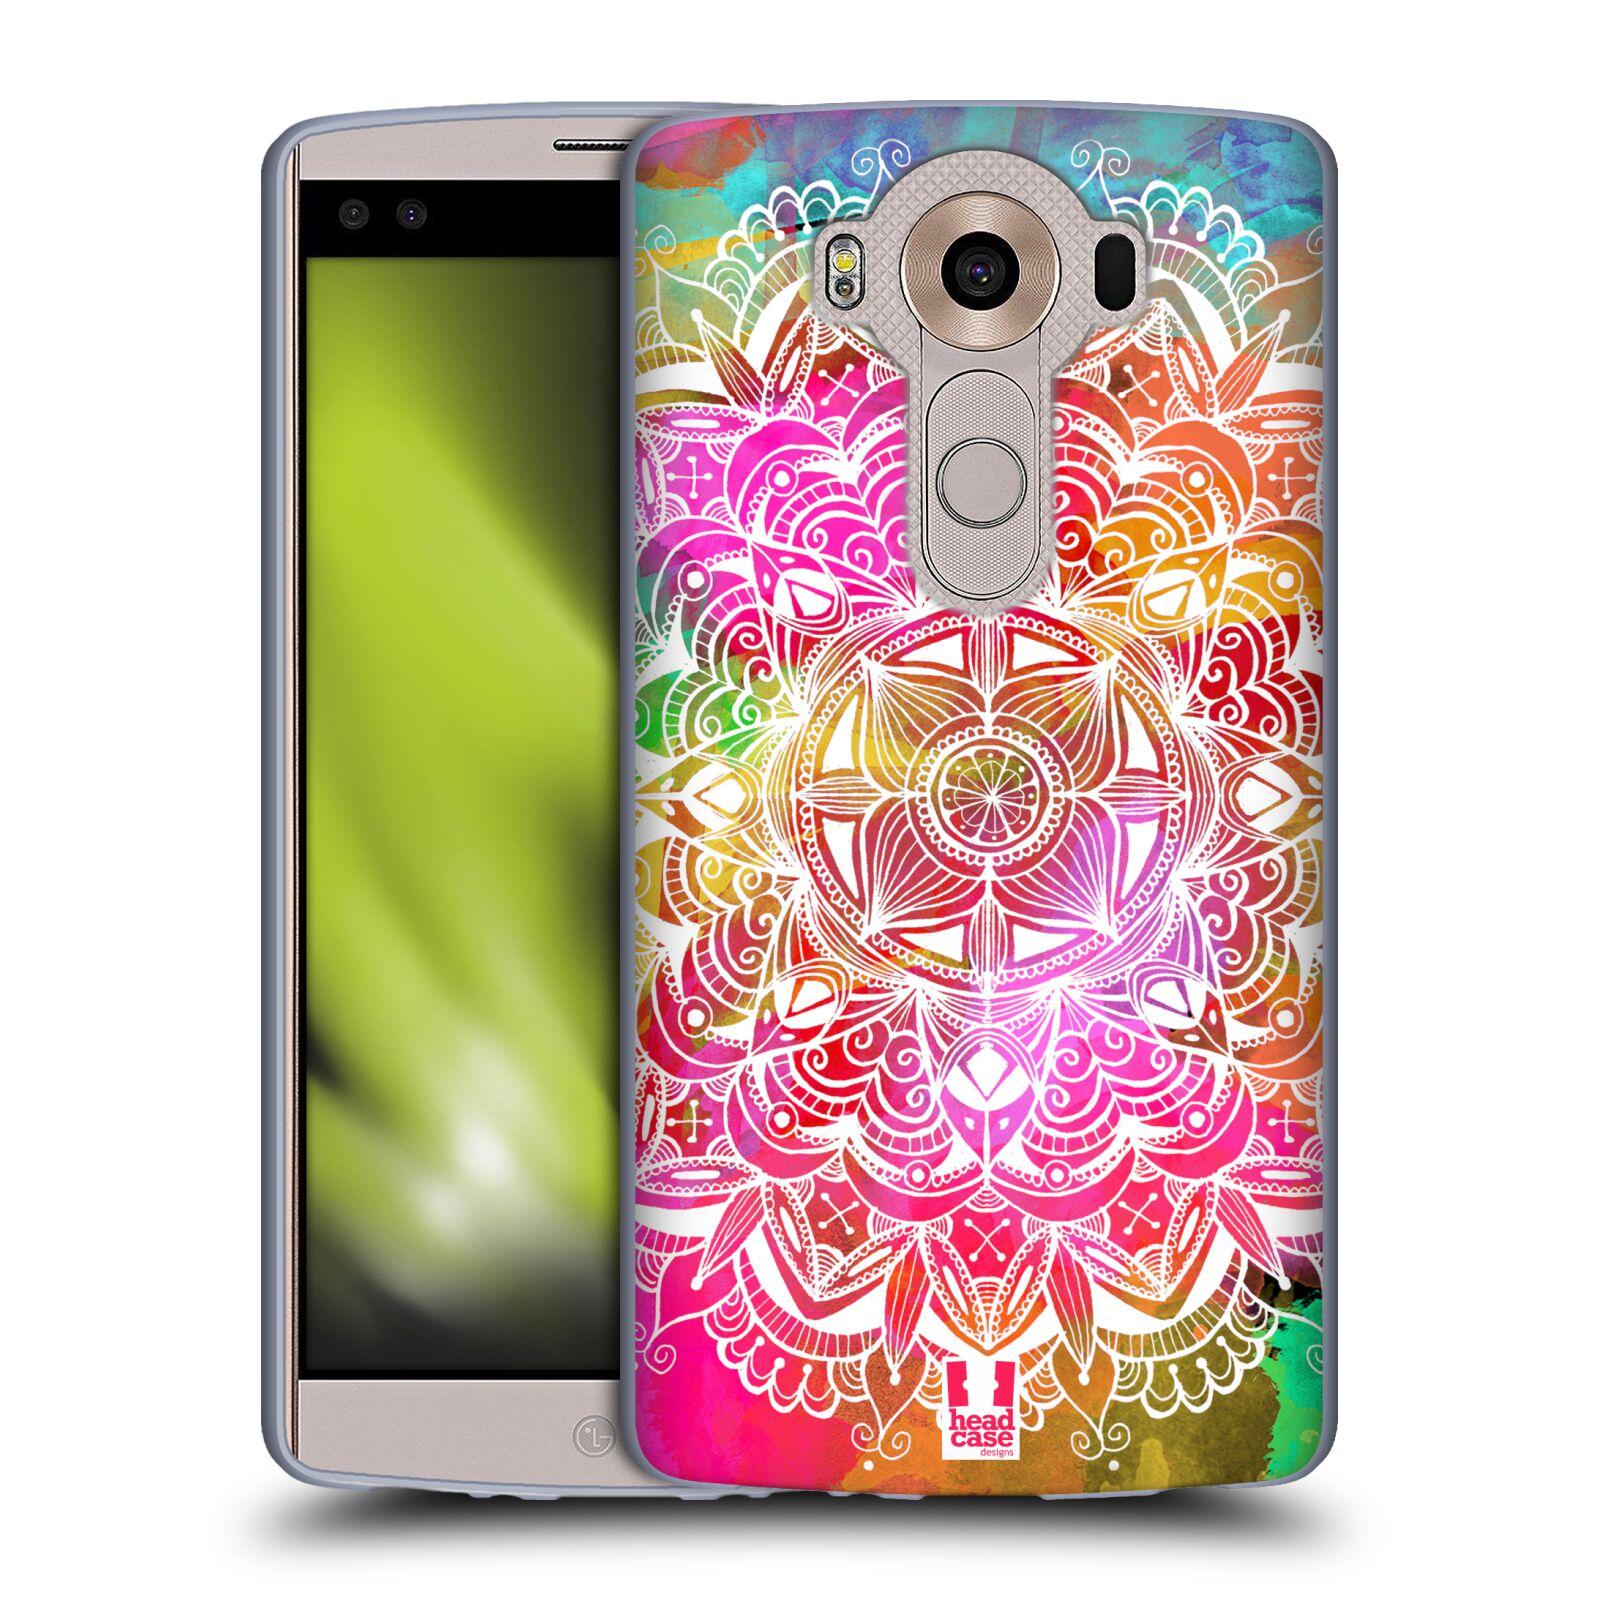 HEAD CASE silikonový obal na mobil LG V10 (H960A) vzor Indie Mandala slunce barevná DUHA